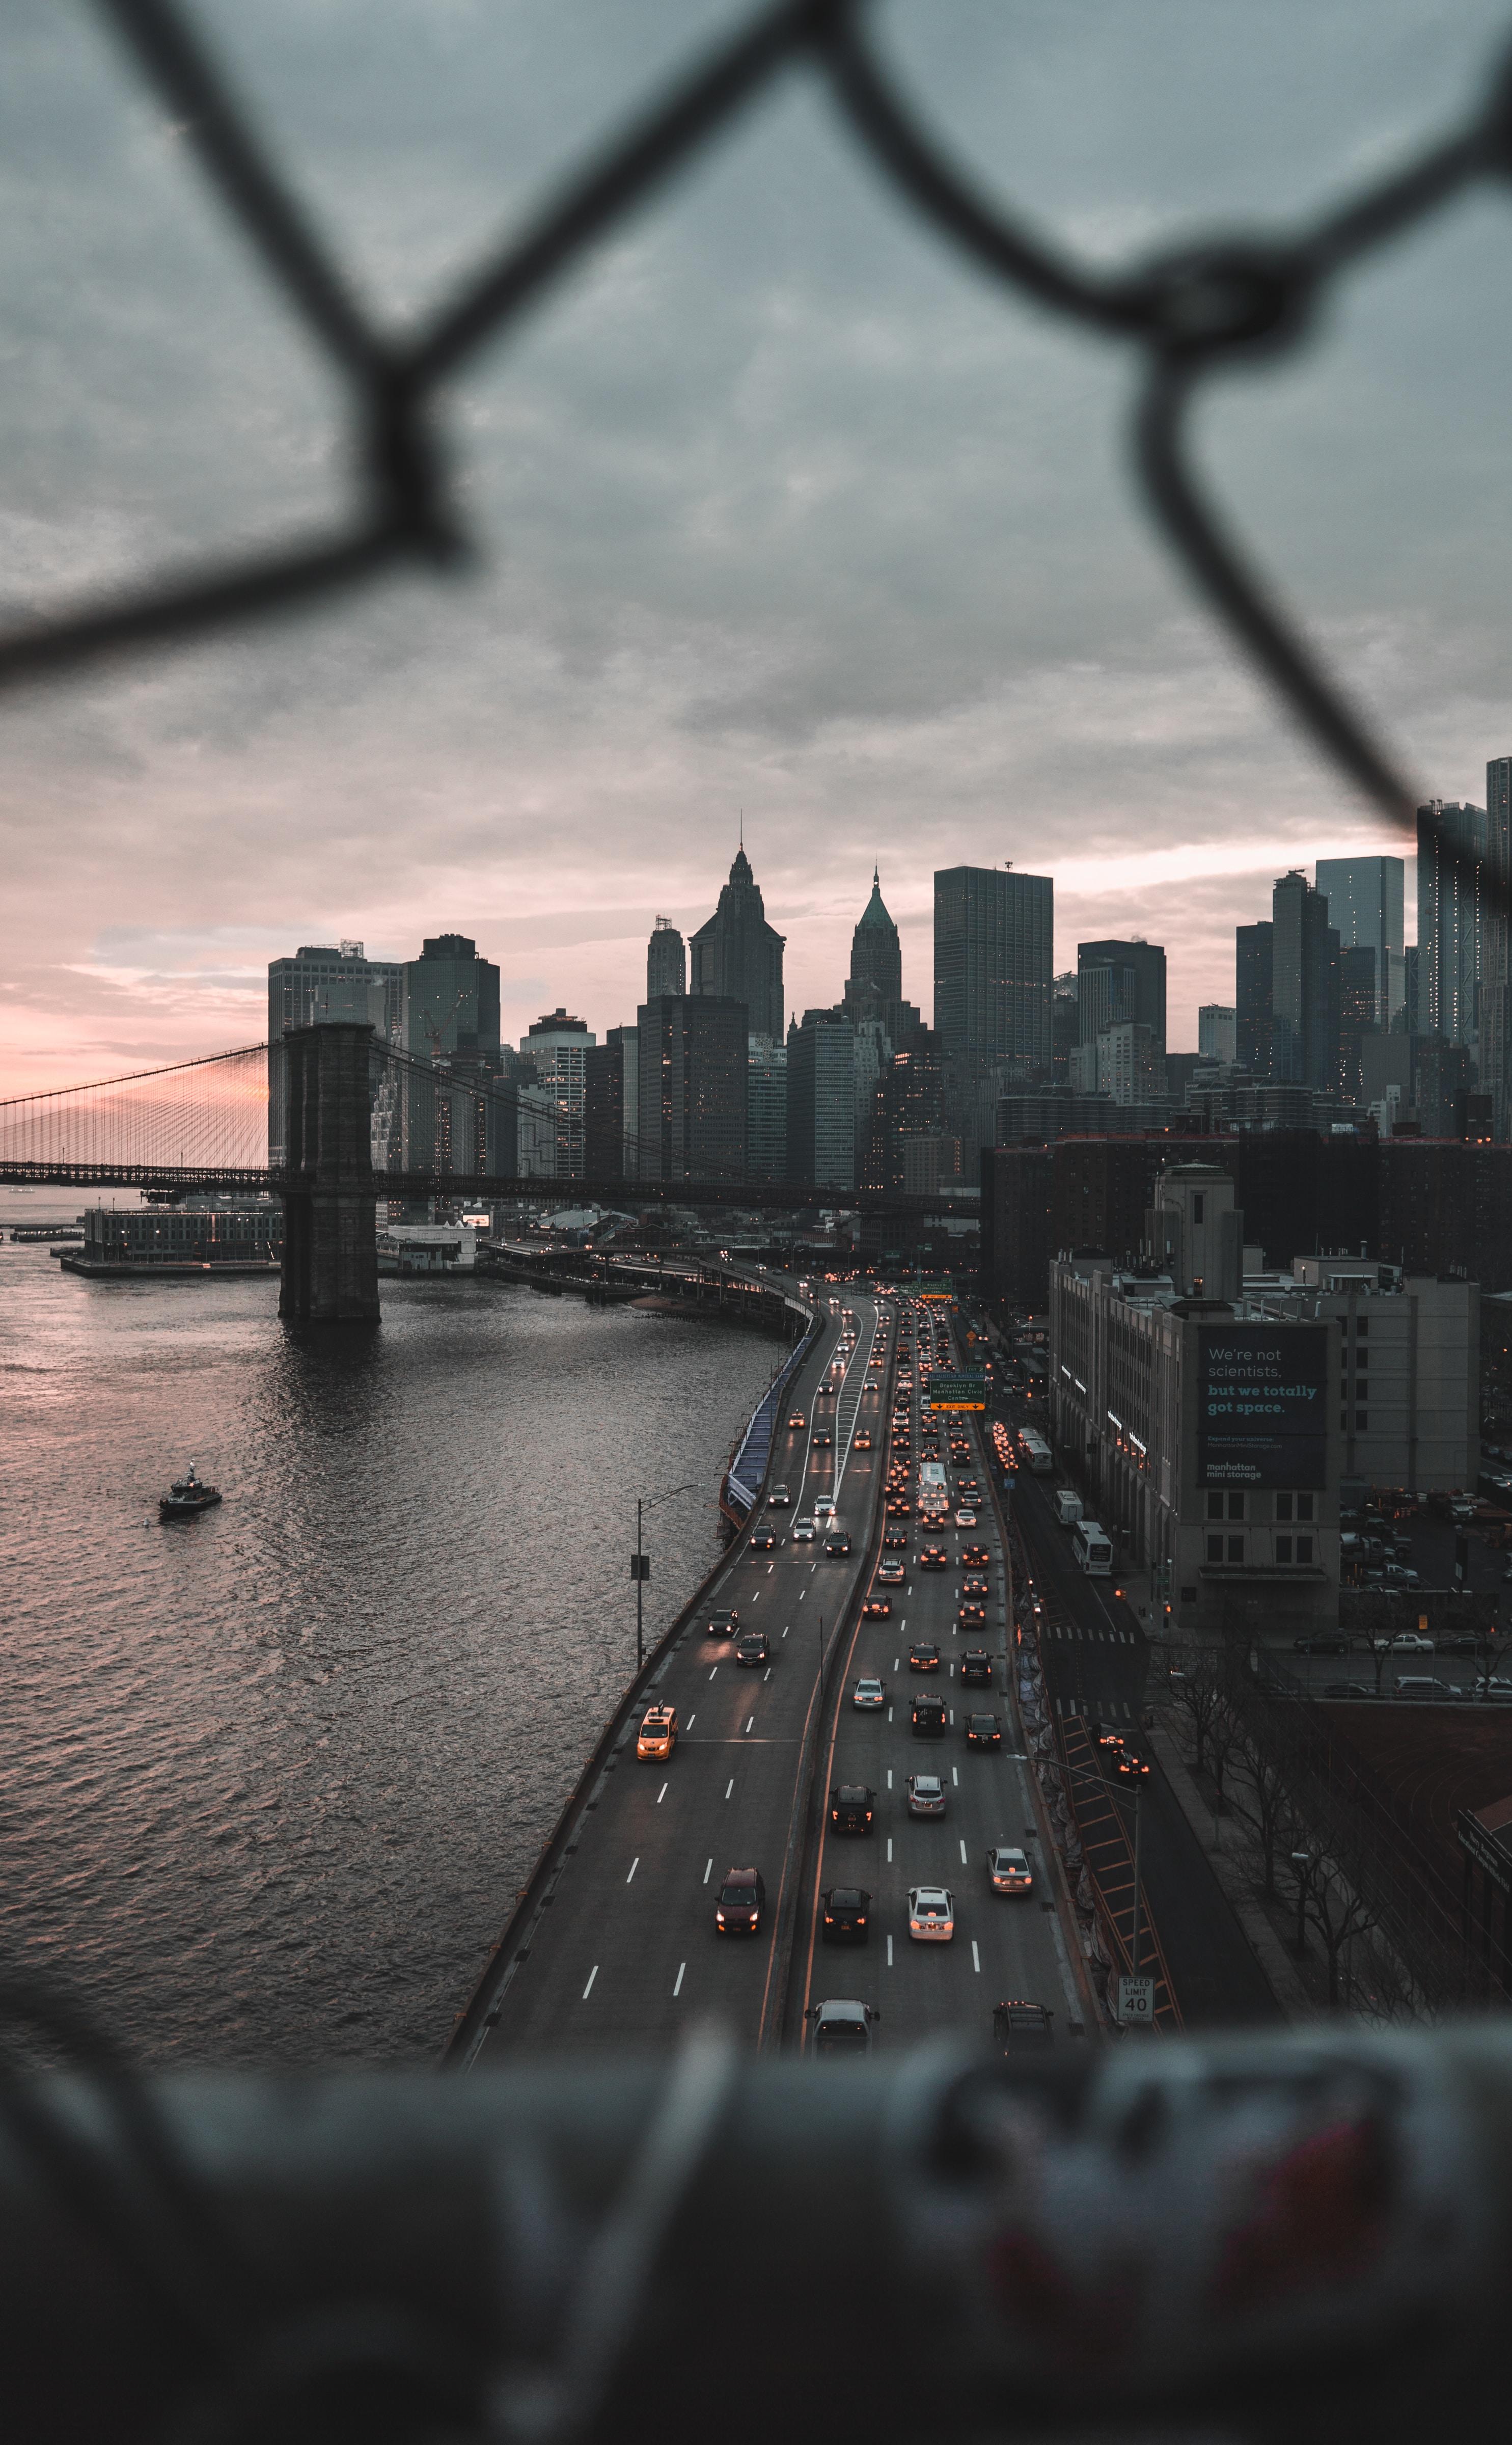 87640 скачать обои Архитектура, Города, Город, Здания, Побережье, Дорога, Нью-Йорк - заставки и картинки бесплатно